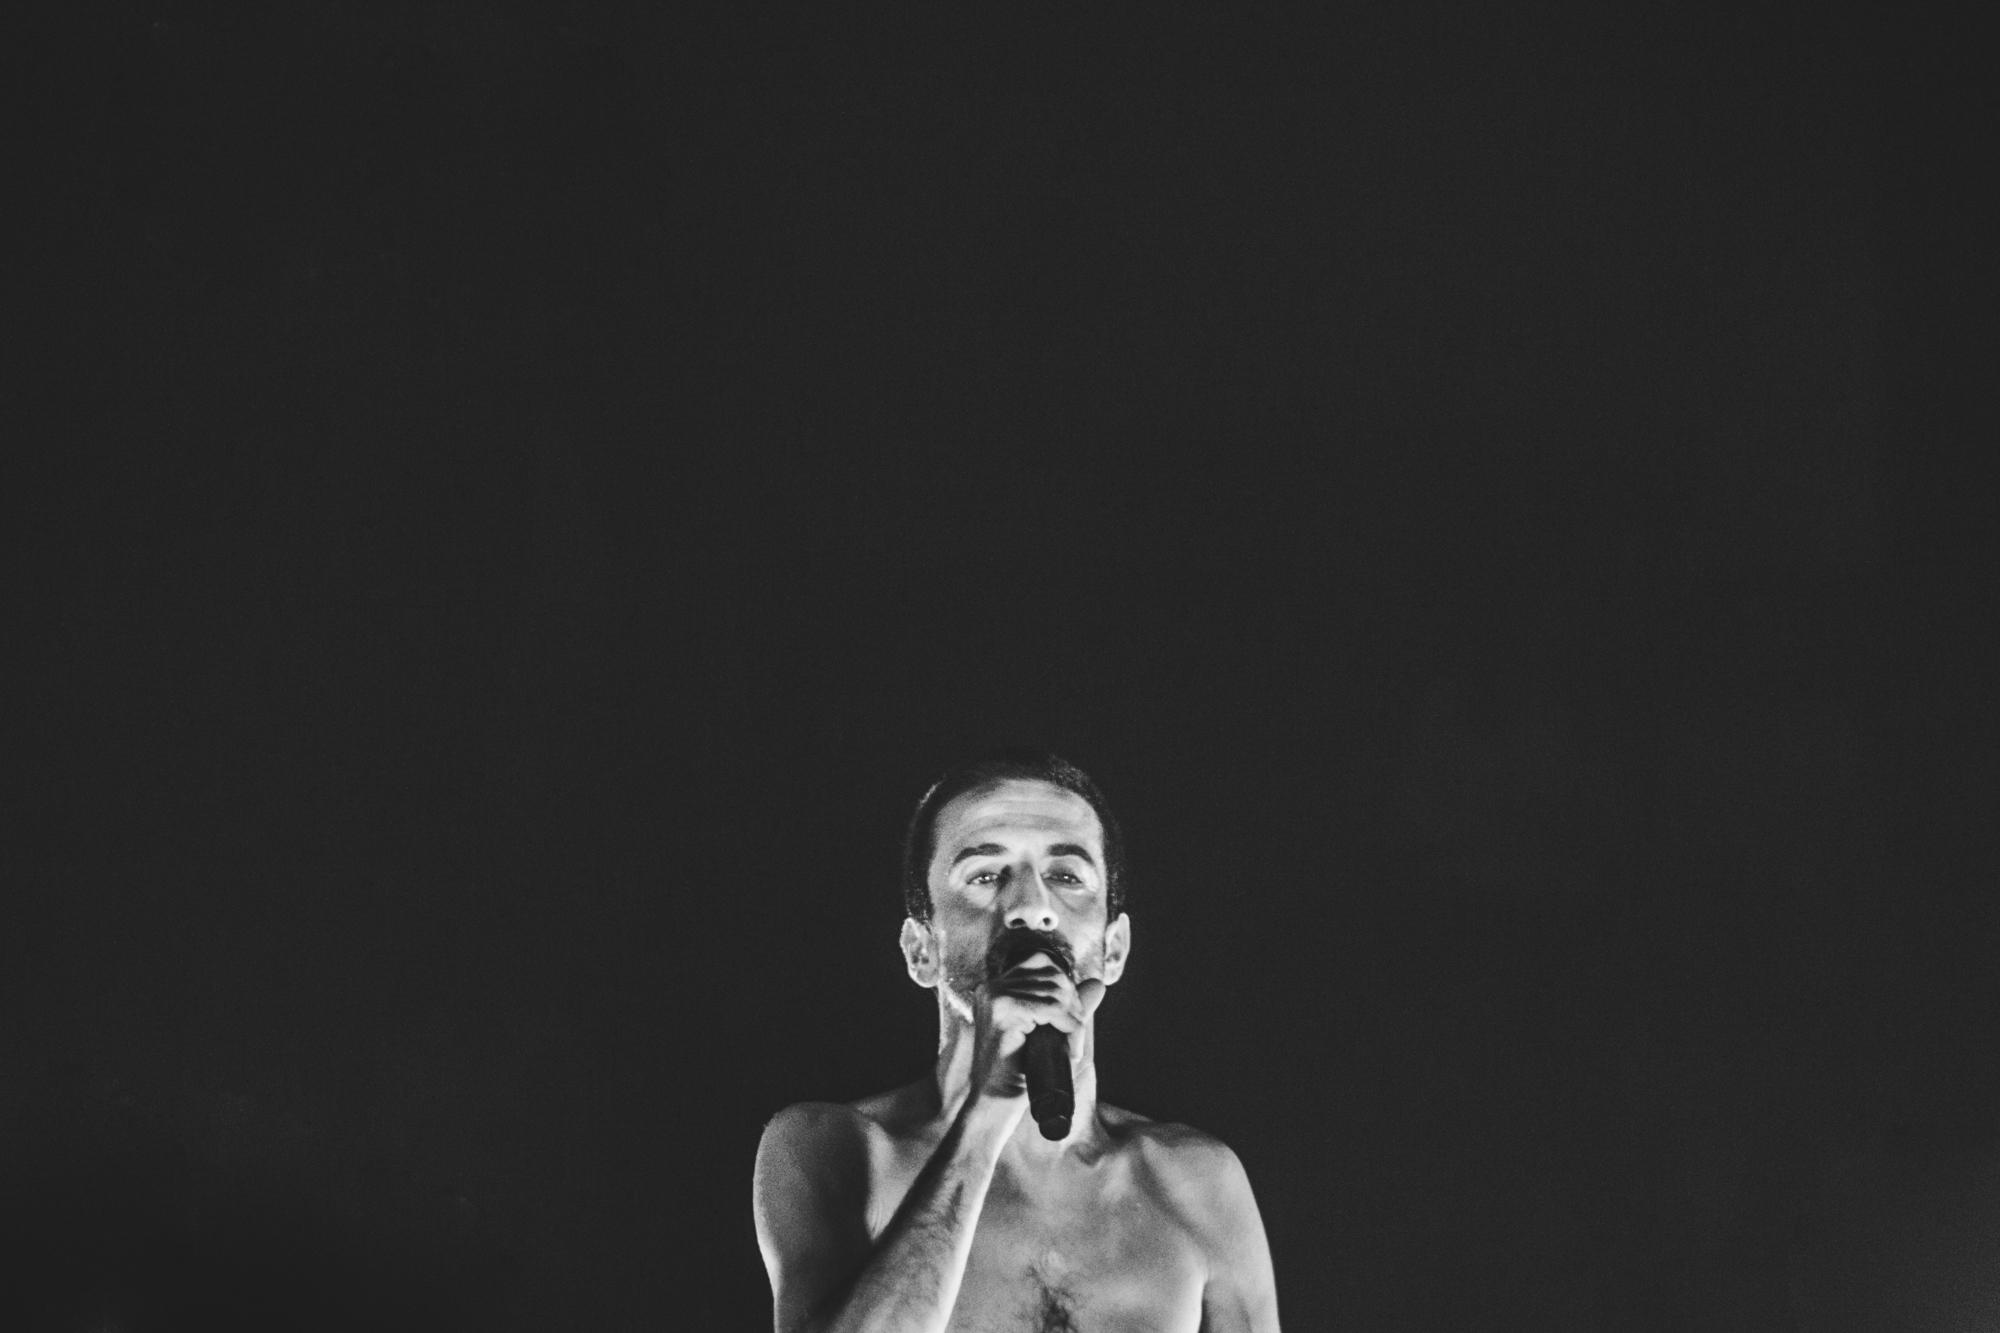 Fotografia: Sofia Matos Silva